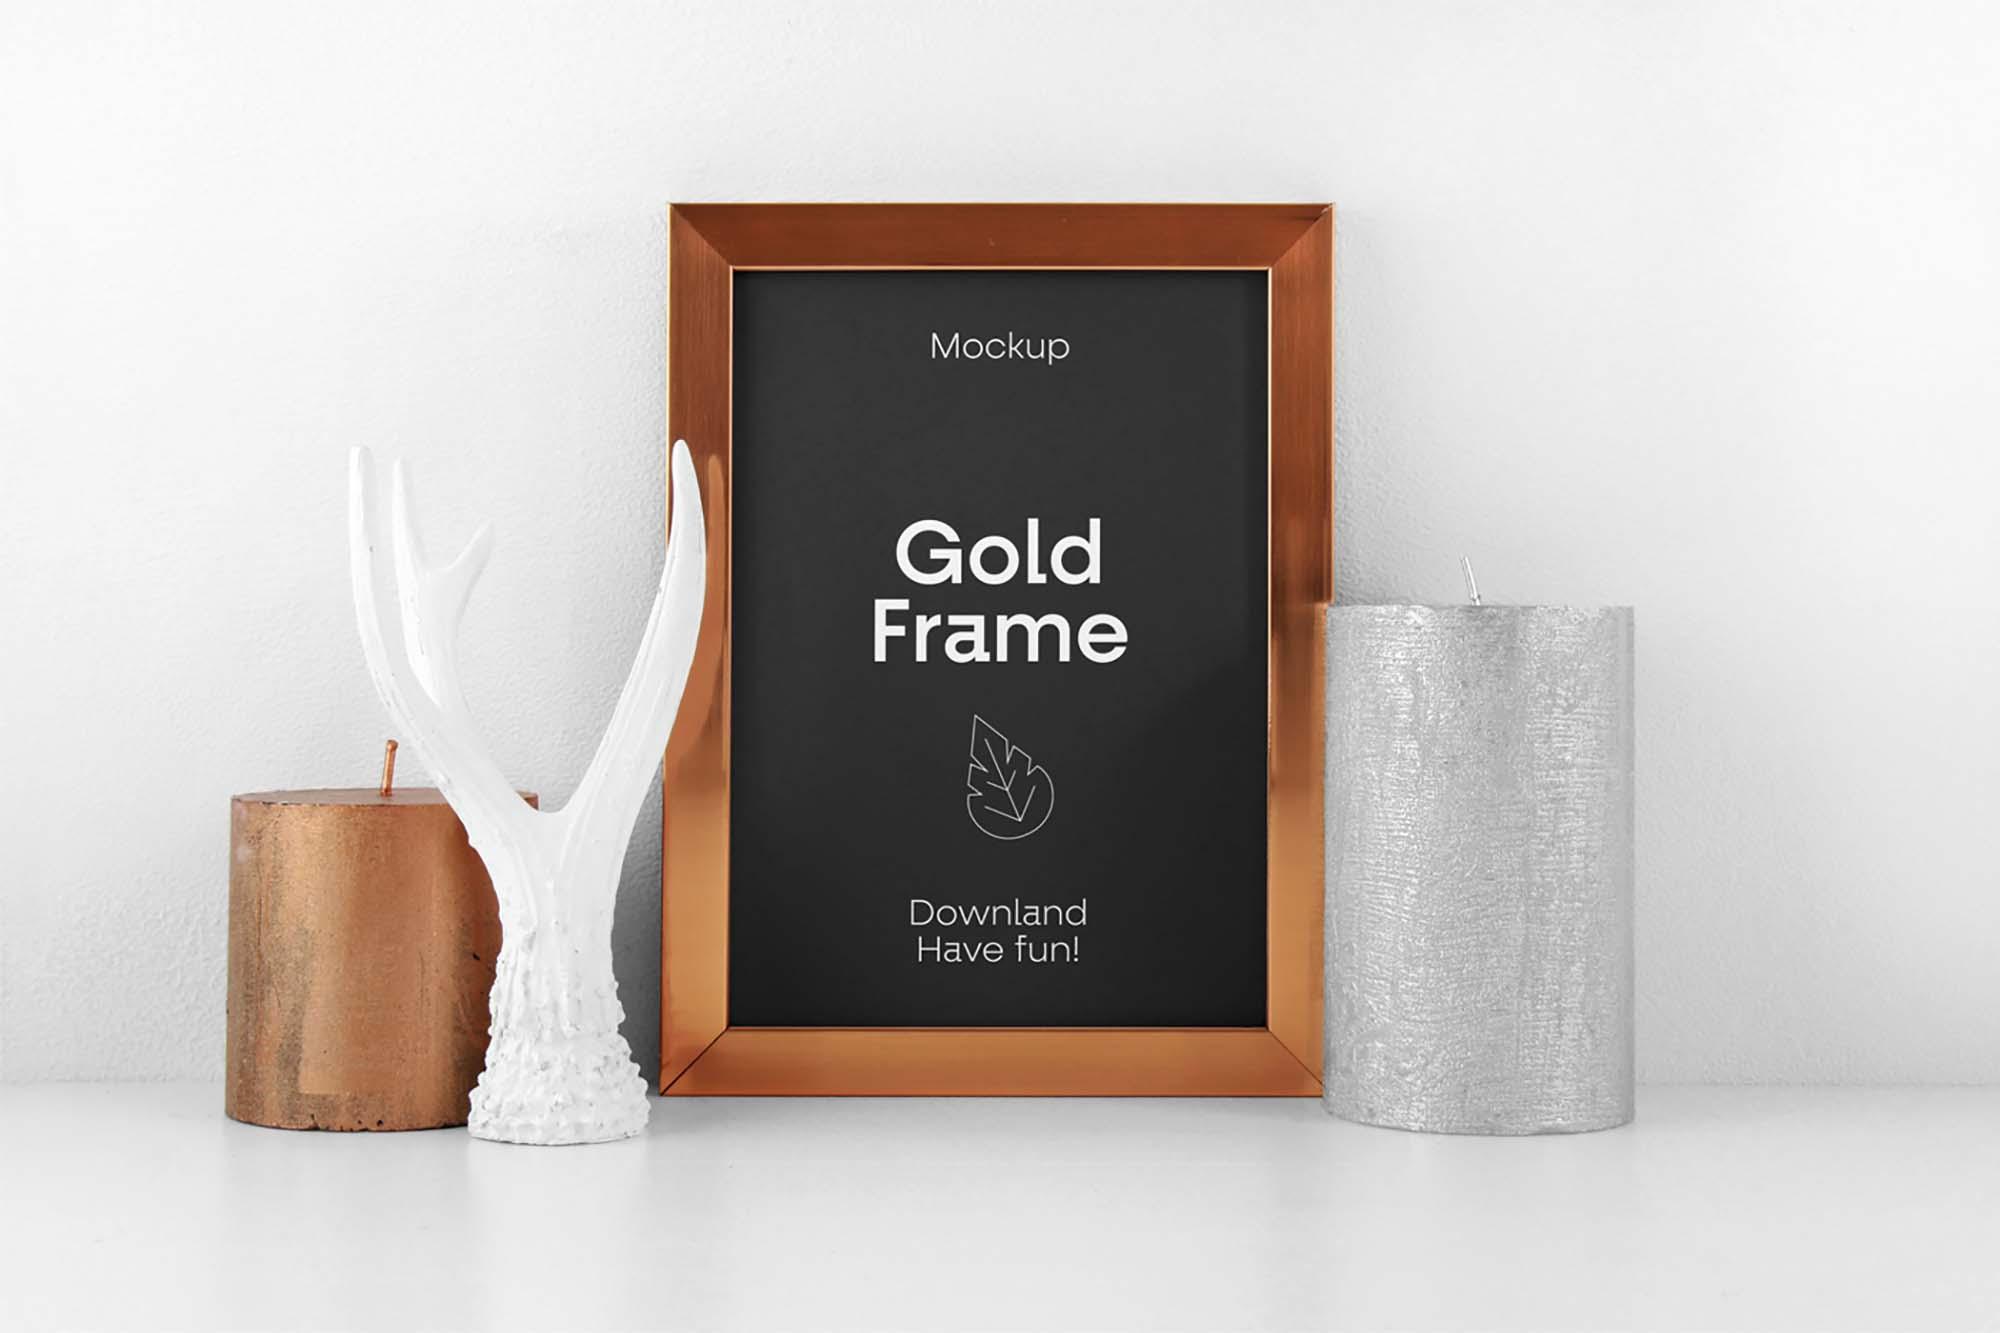 Gold Frame Mockup